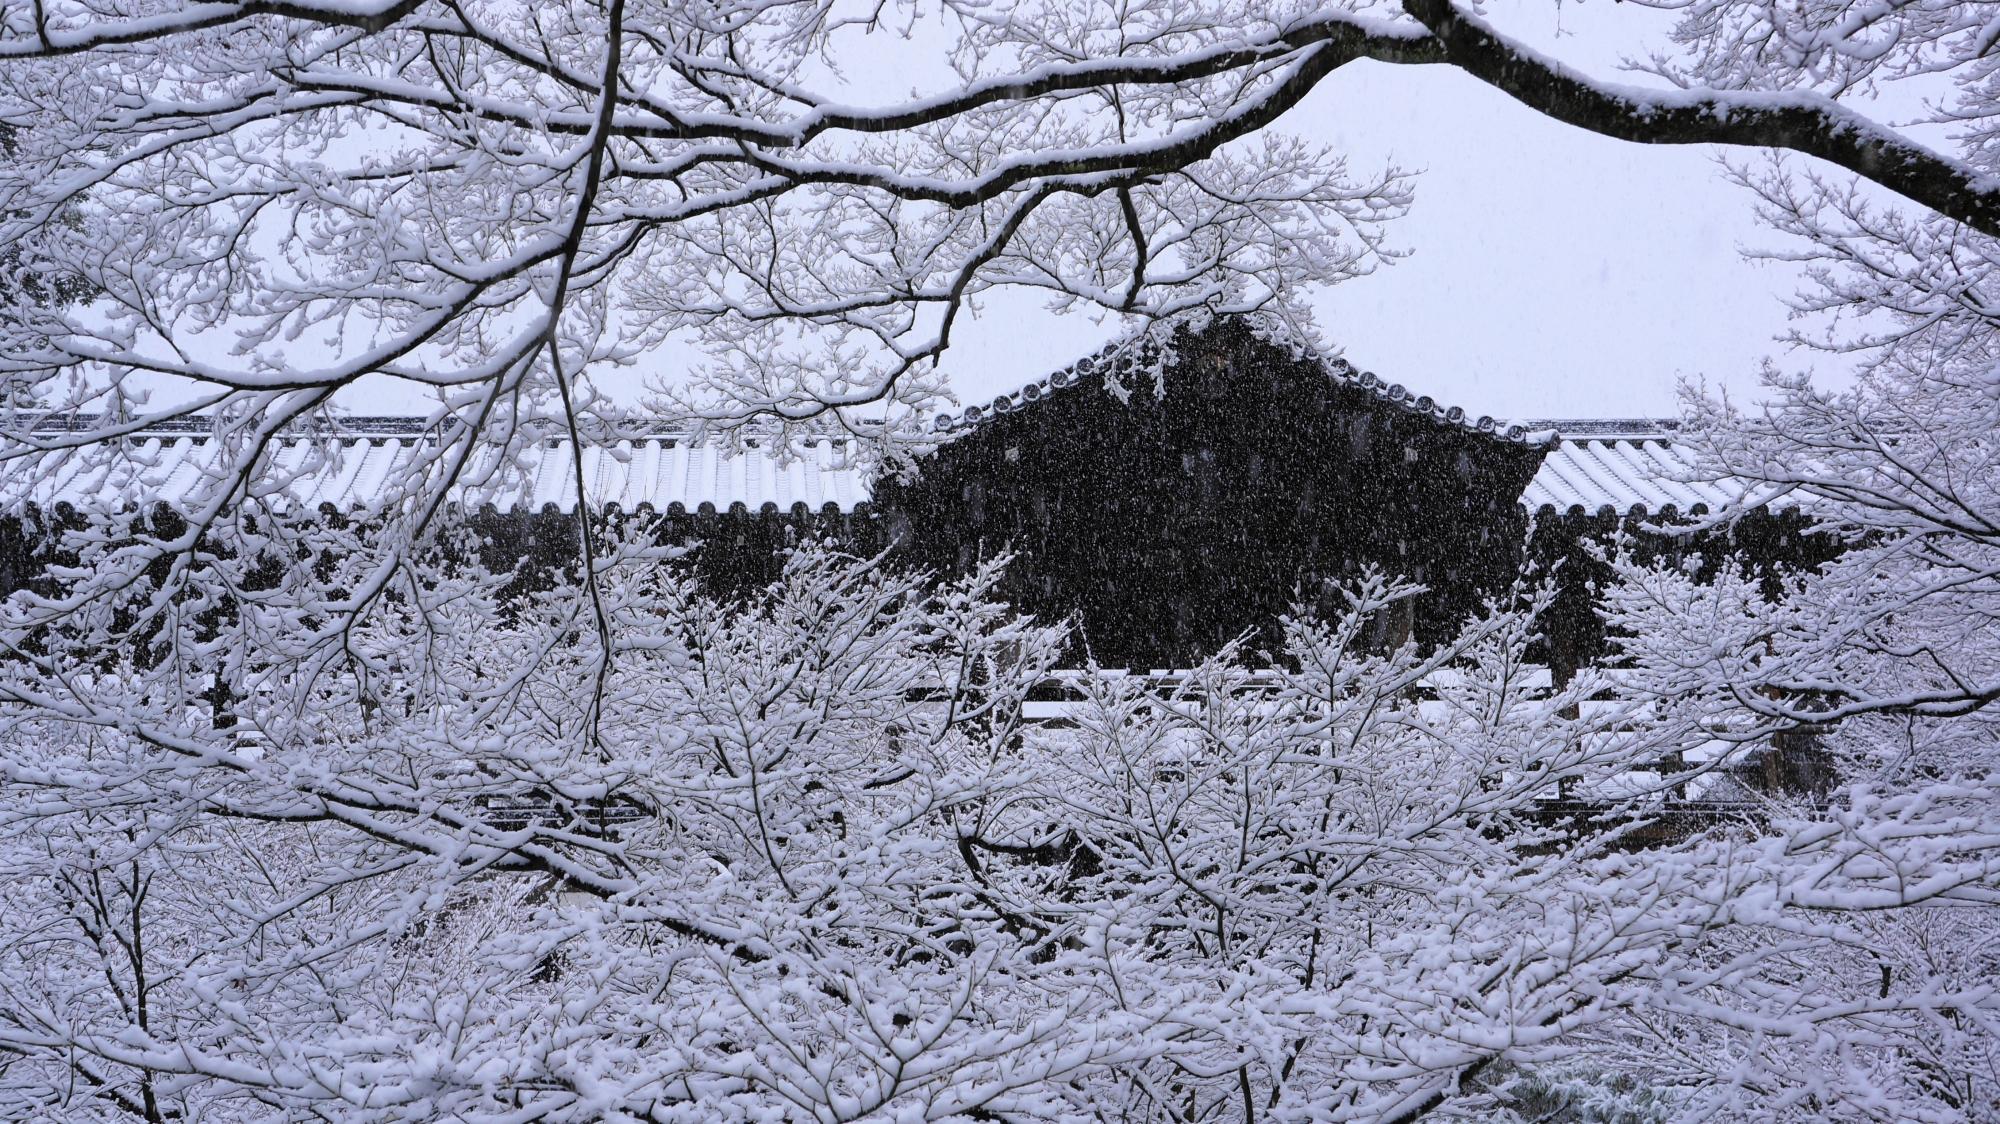 雪の枝が演出する通天橋の冬景色